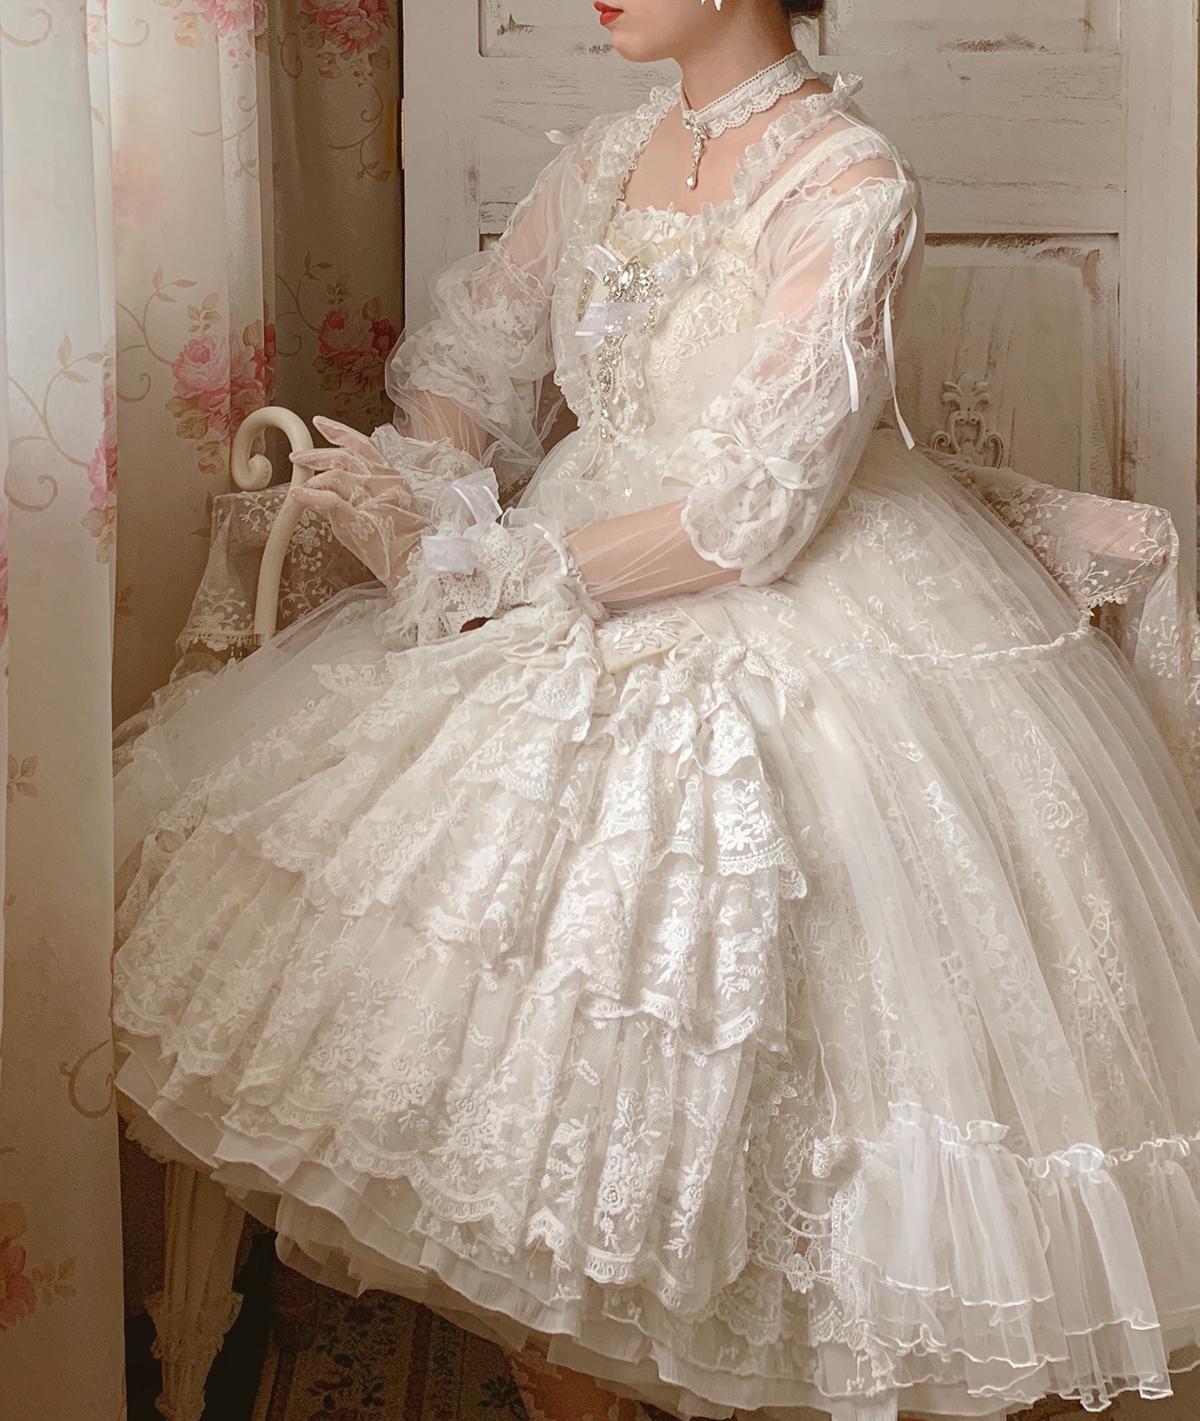 Spot new Lolita midsummer secret garden original dress jsk elegant tea party flower wedding Lolita skirt